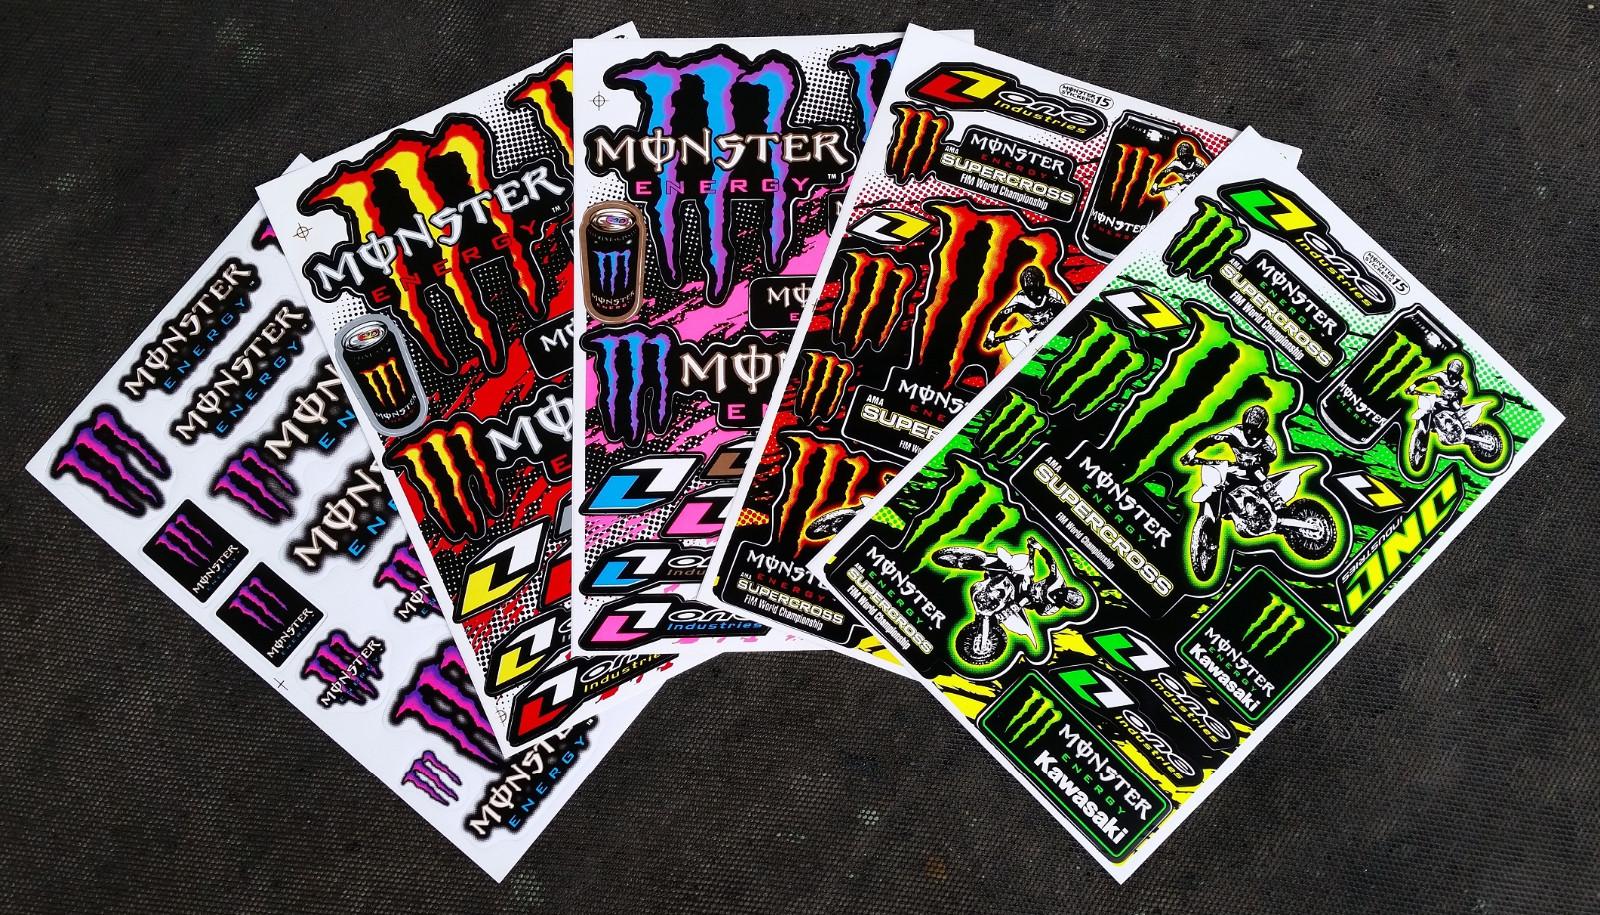 60x Monster Energy Drink Aufkleber Sticker Atv Supercross